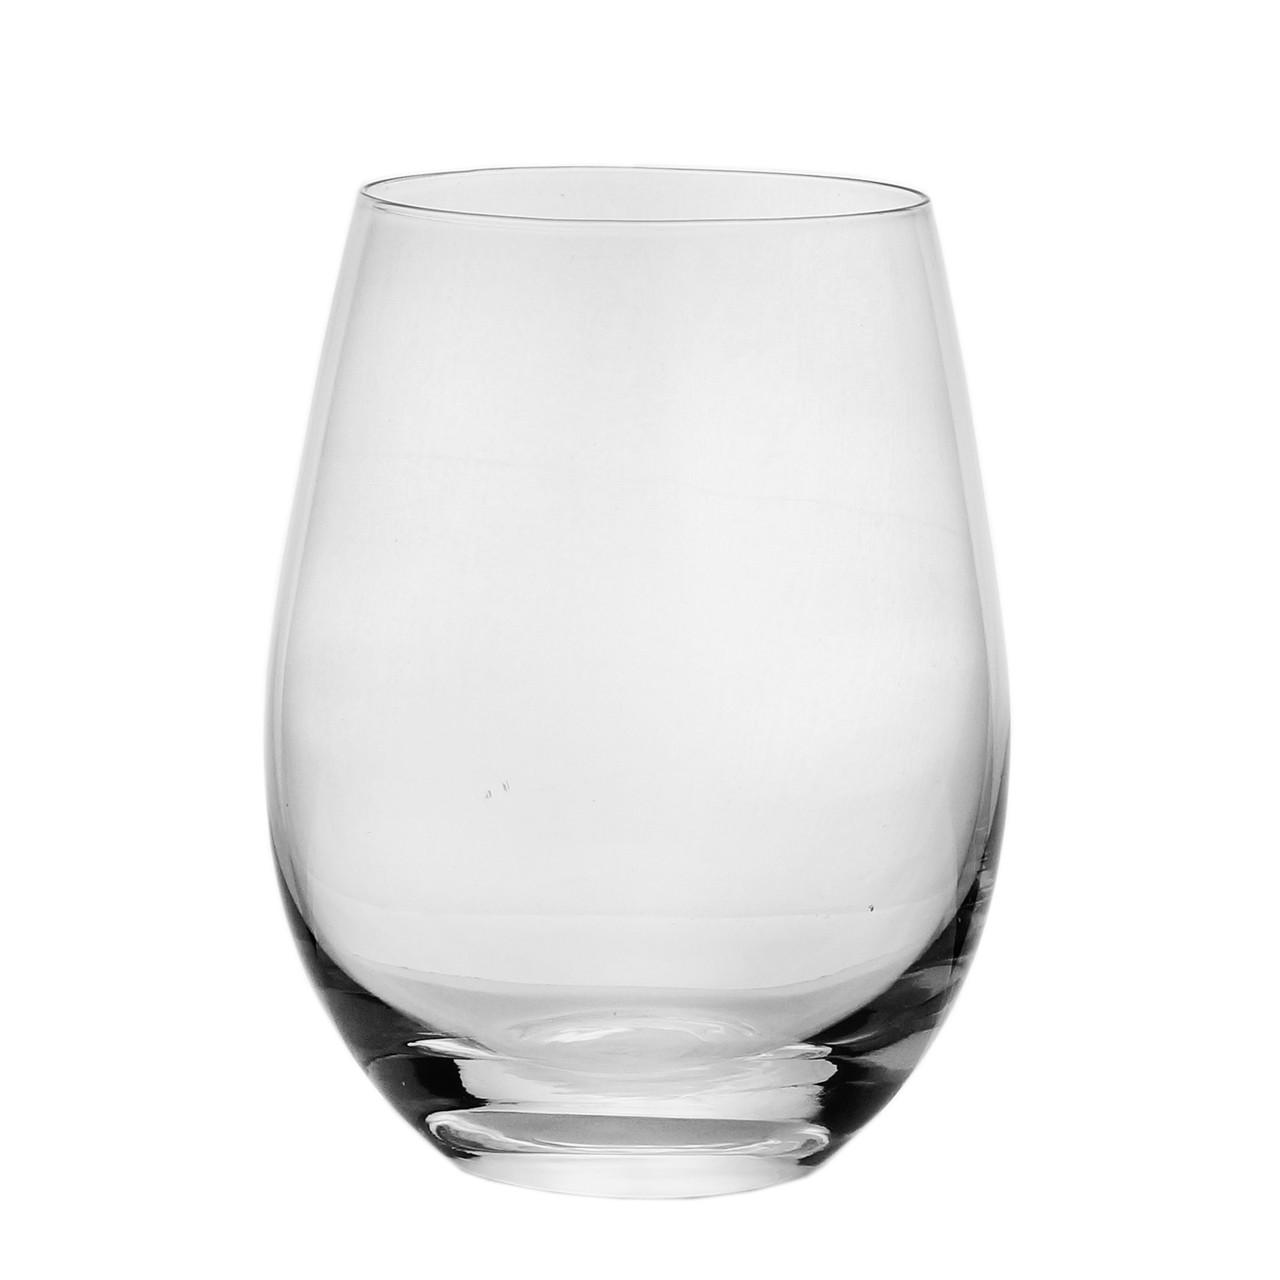 Jg 06 Copos Baixo Vinho de Vidro Transparente 535ml